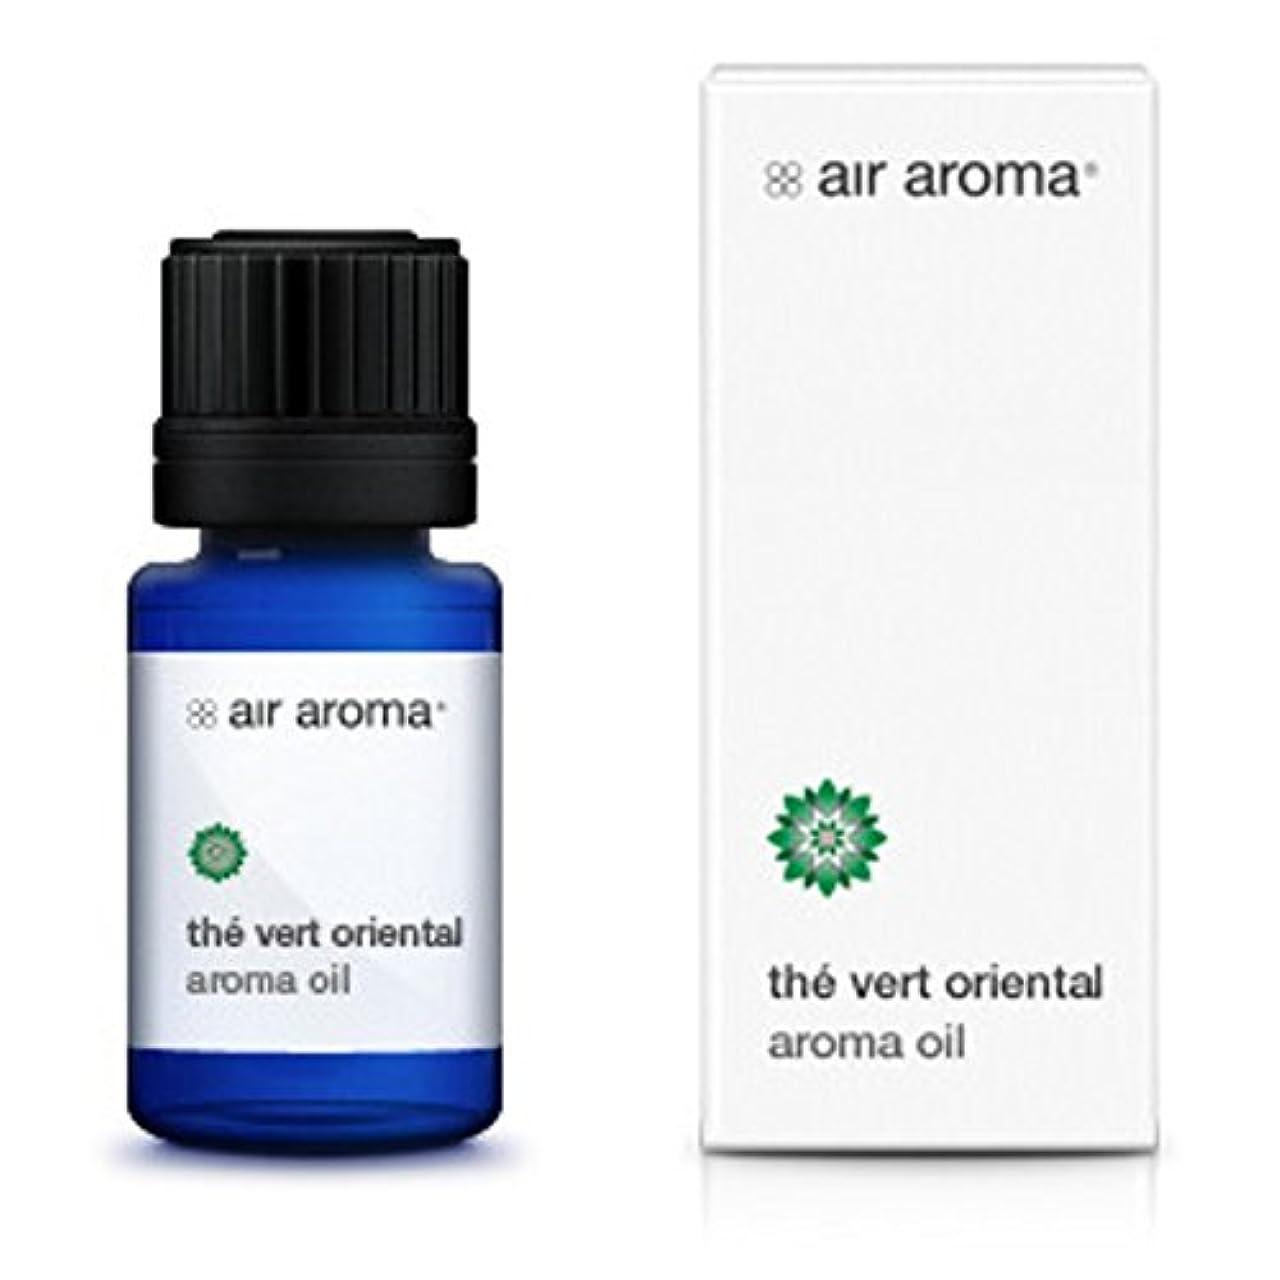 ゲートウェイ管理者一次エアアロマ the vert oriental (テヴェールオリエンタル) 250ml [並行輸入品]